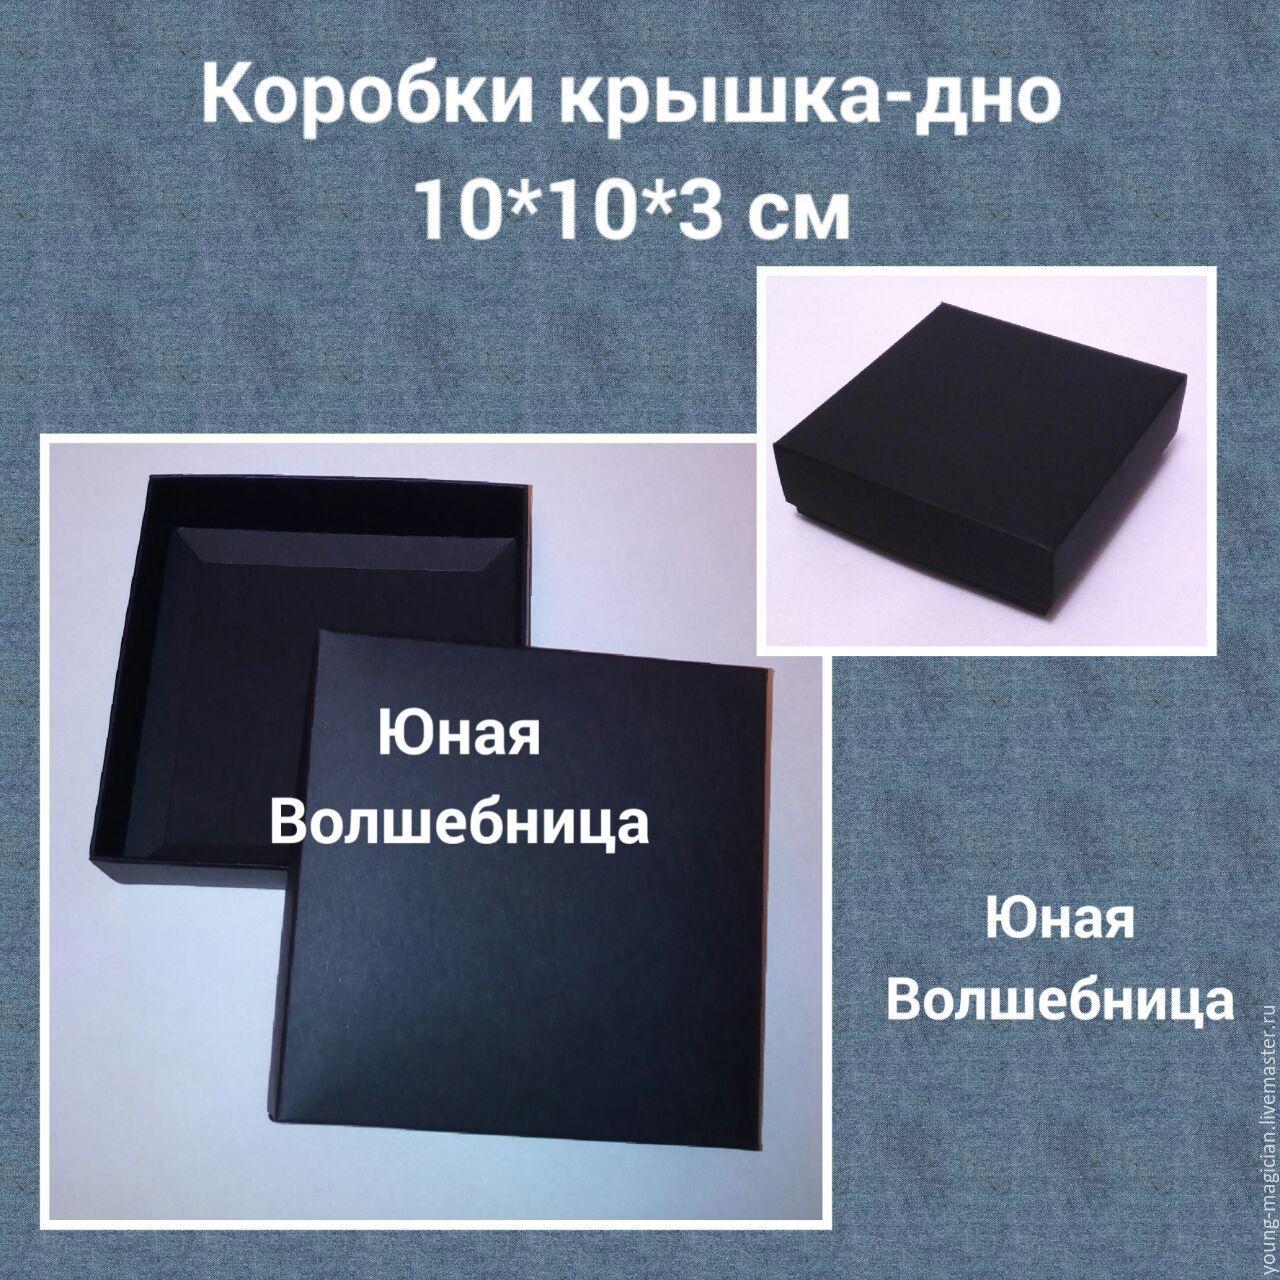 фирменная упаковка, подарочная упаковка, упаковка для украшений, стильная упаковка, коробка для украшений, черная коробочка, упаковка на заказ